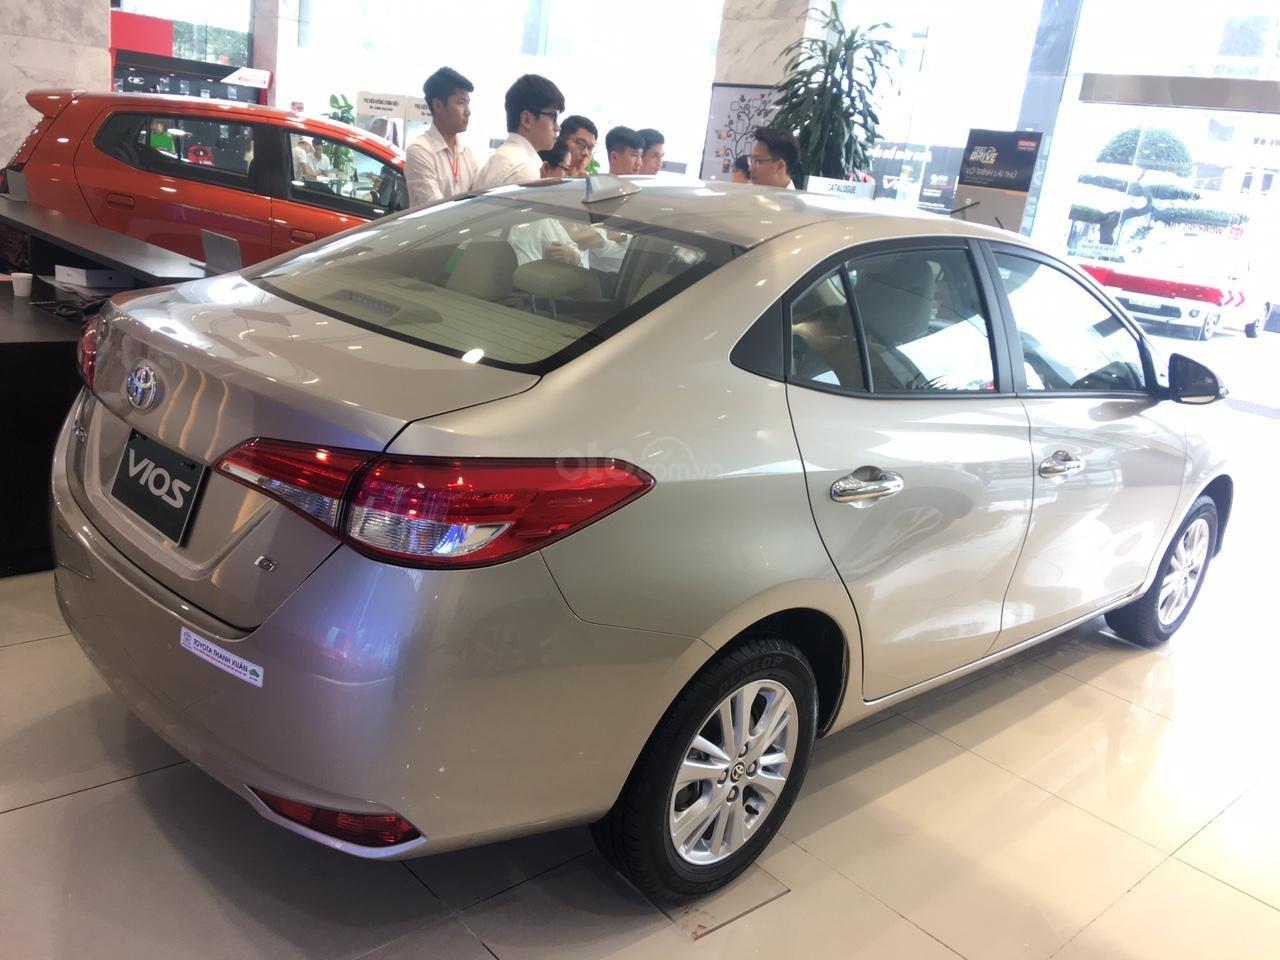 Toyota Vios E giá 497 triệu đồng tặng DVD, camera lùi, dán kính trải sàn liên hệ 093 6200062-10